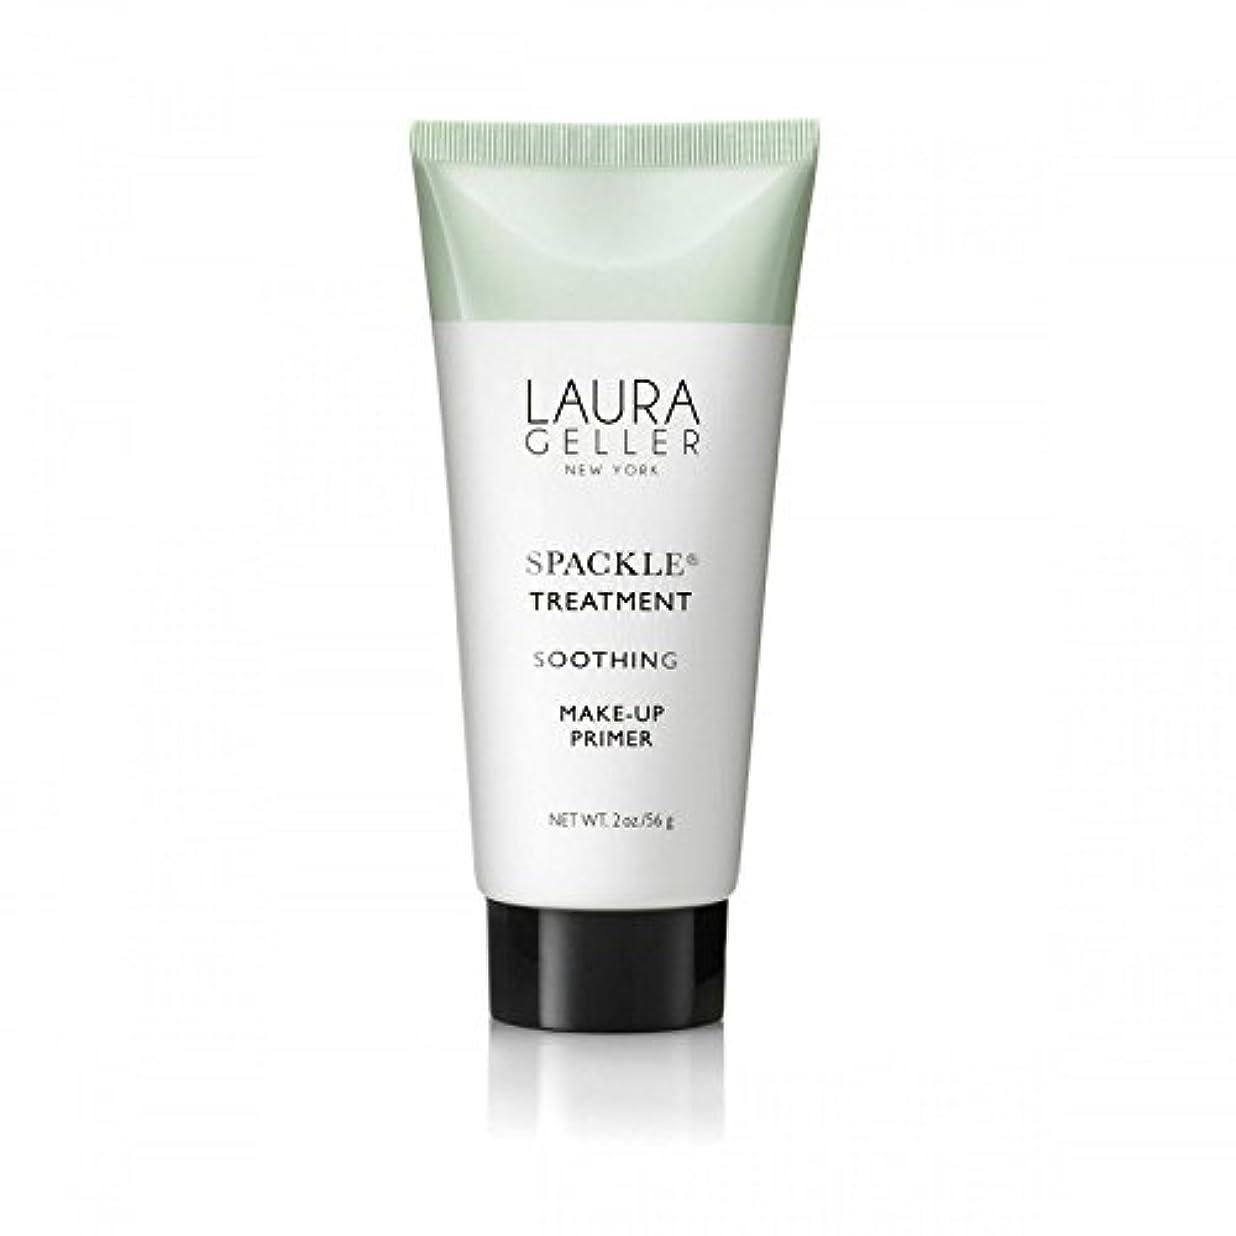 蜂作曲する服を片付けるLaura Geller Spackle Treatment Under Make-Up Primer Soothing (Pack of 6) - メイクアッププライマー癒しの下のローラ?ゲラー 処理 x6 [並行輸入品]